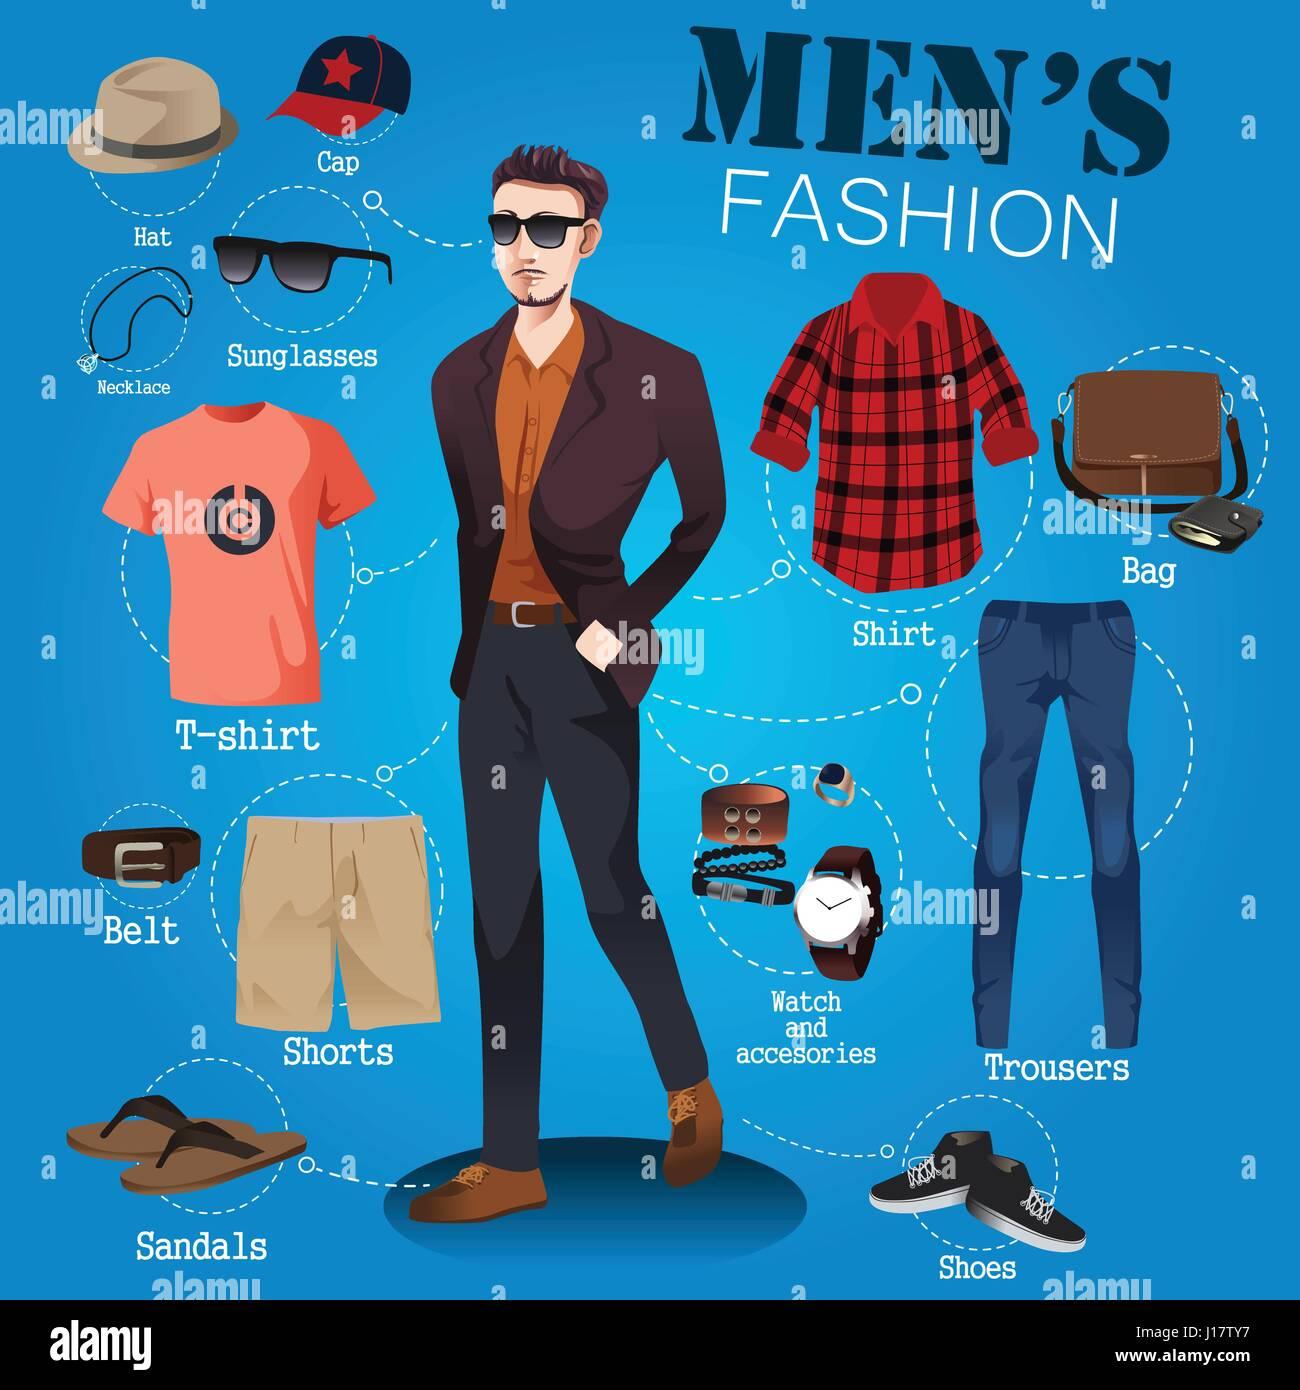 4e8496e7 A vector illustration of men fashion infographic Stock Vector Art ...